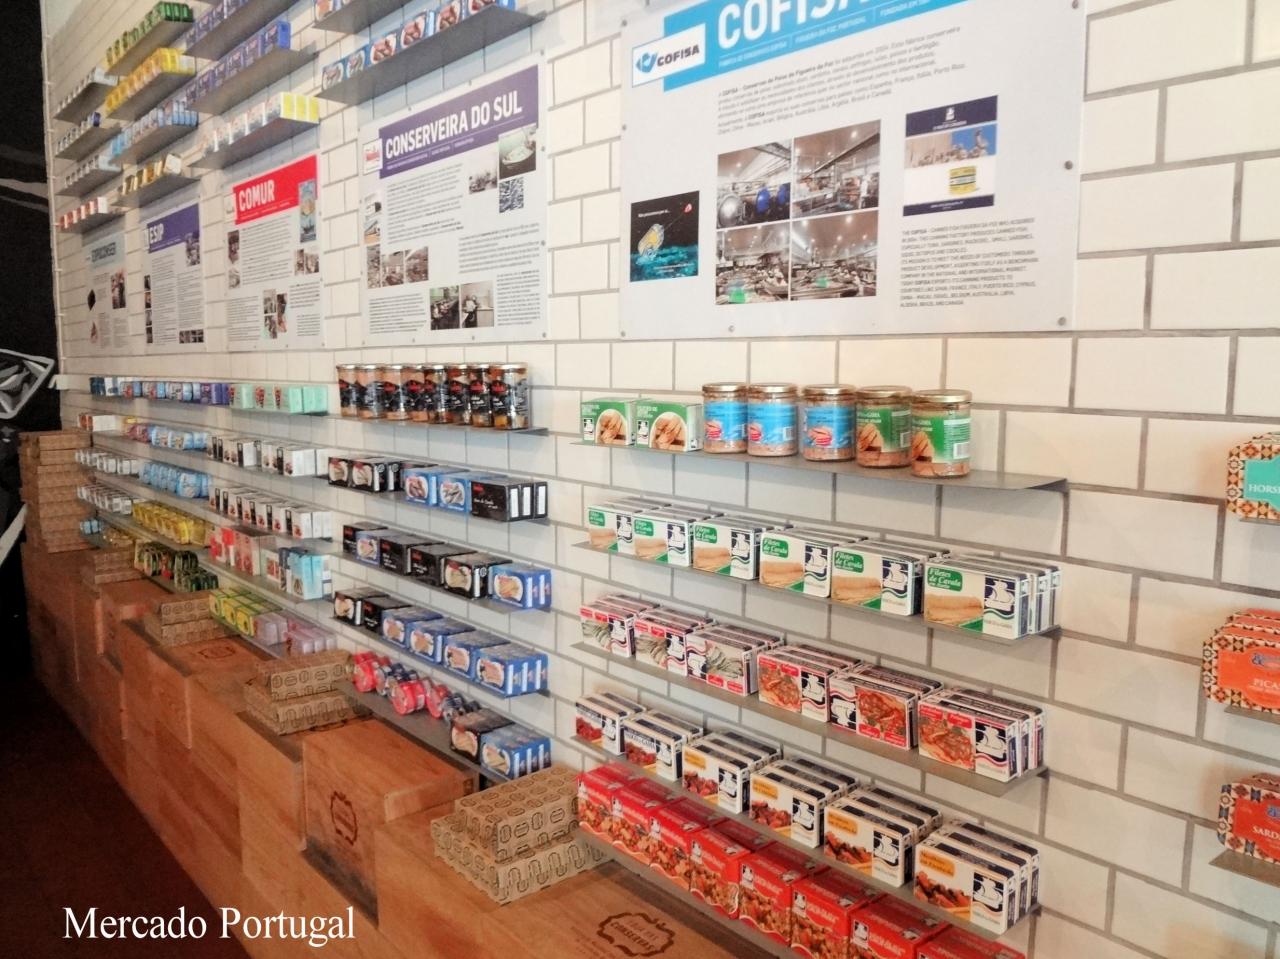 ポルトガルの缶詰を生産している会社の説明(ポルトガル語・英語)が壁に貼られているのでどんな会社の商品なのか知ることもできます。